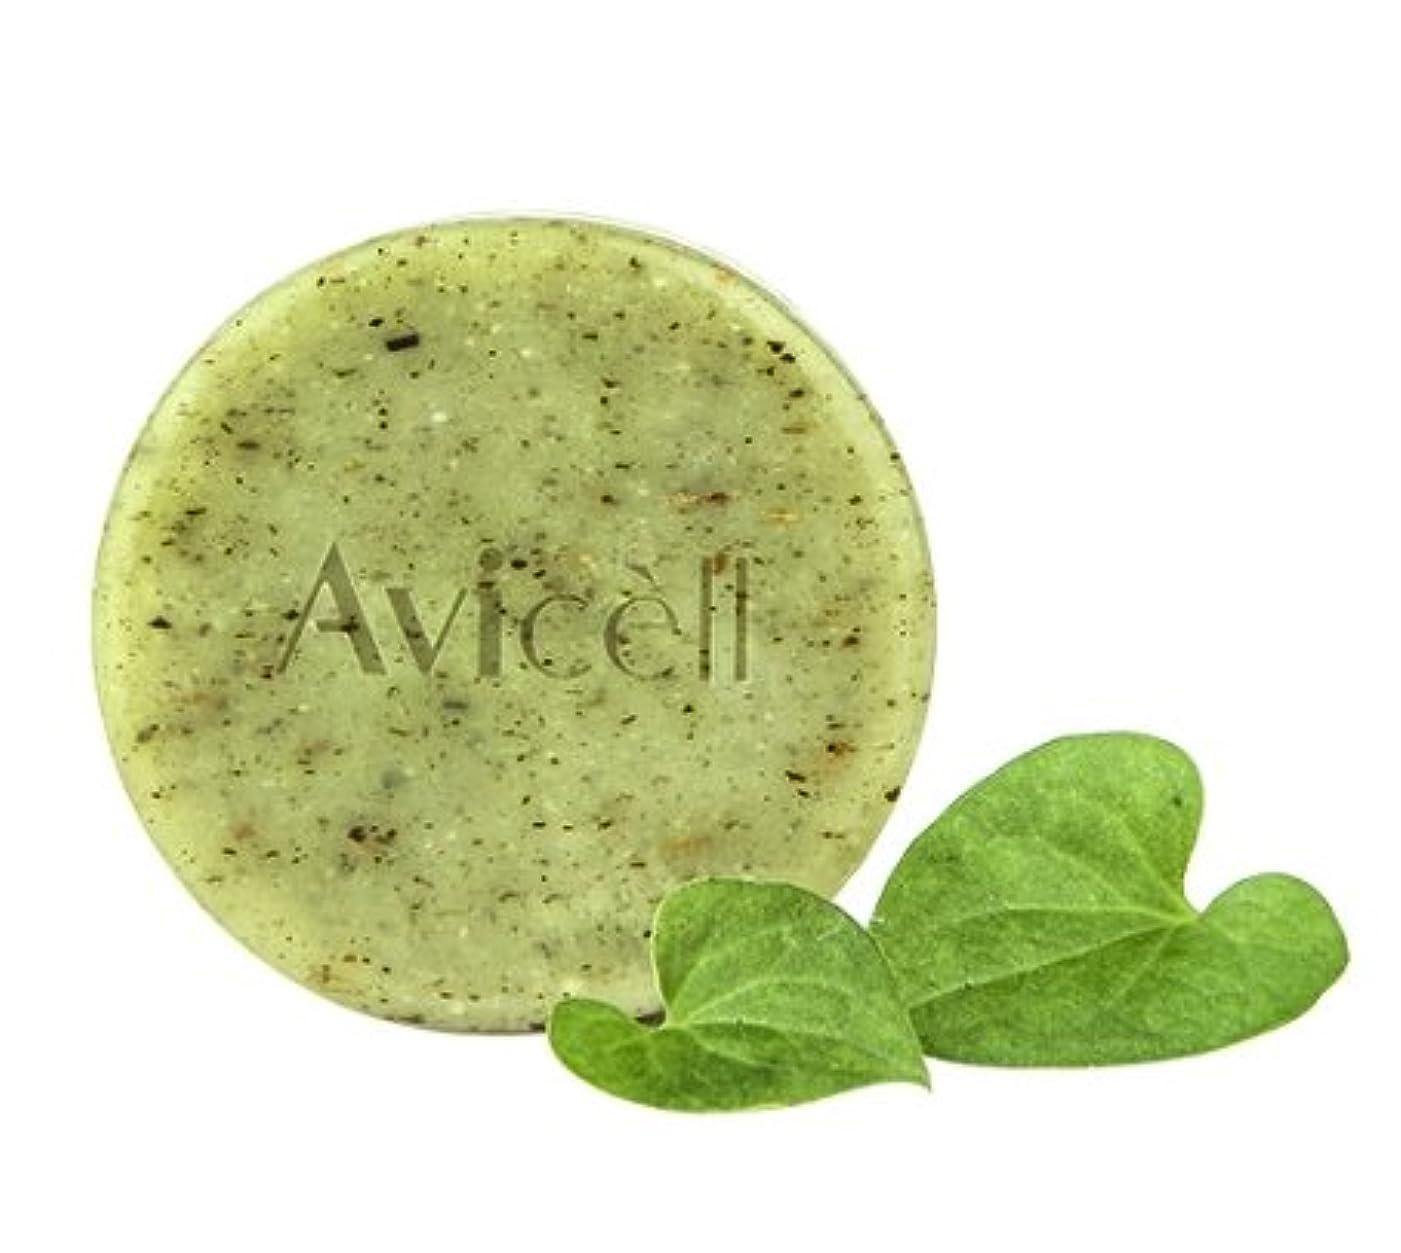 痛い添付揺れるAvicell Pure Original Soap